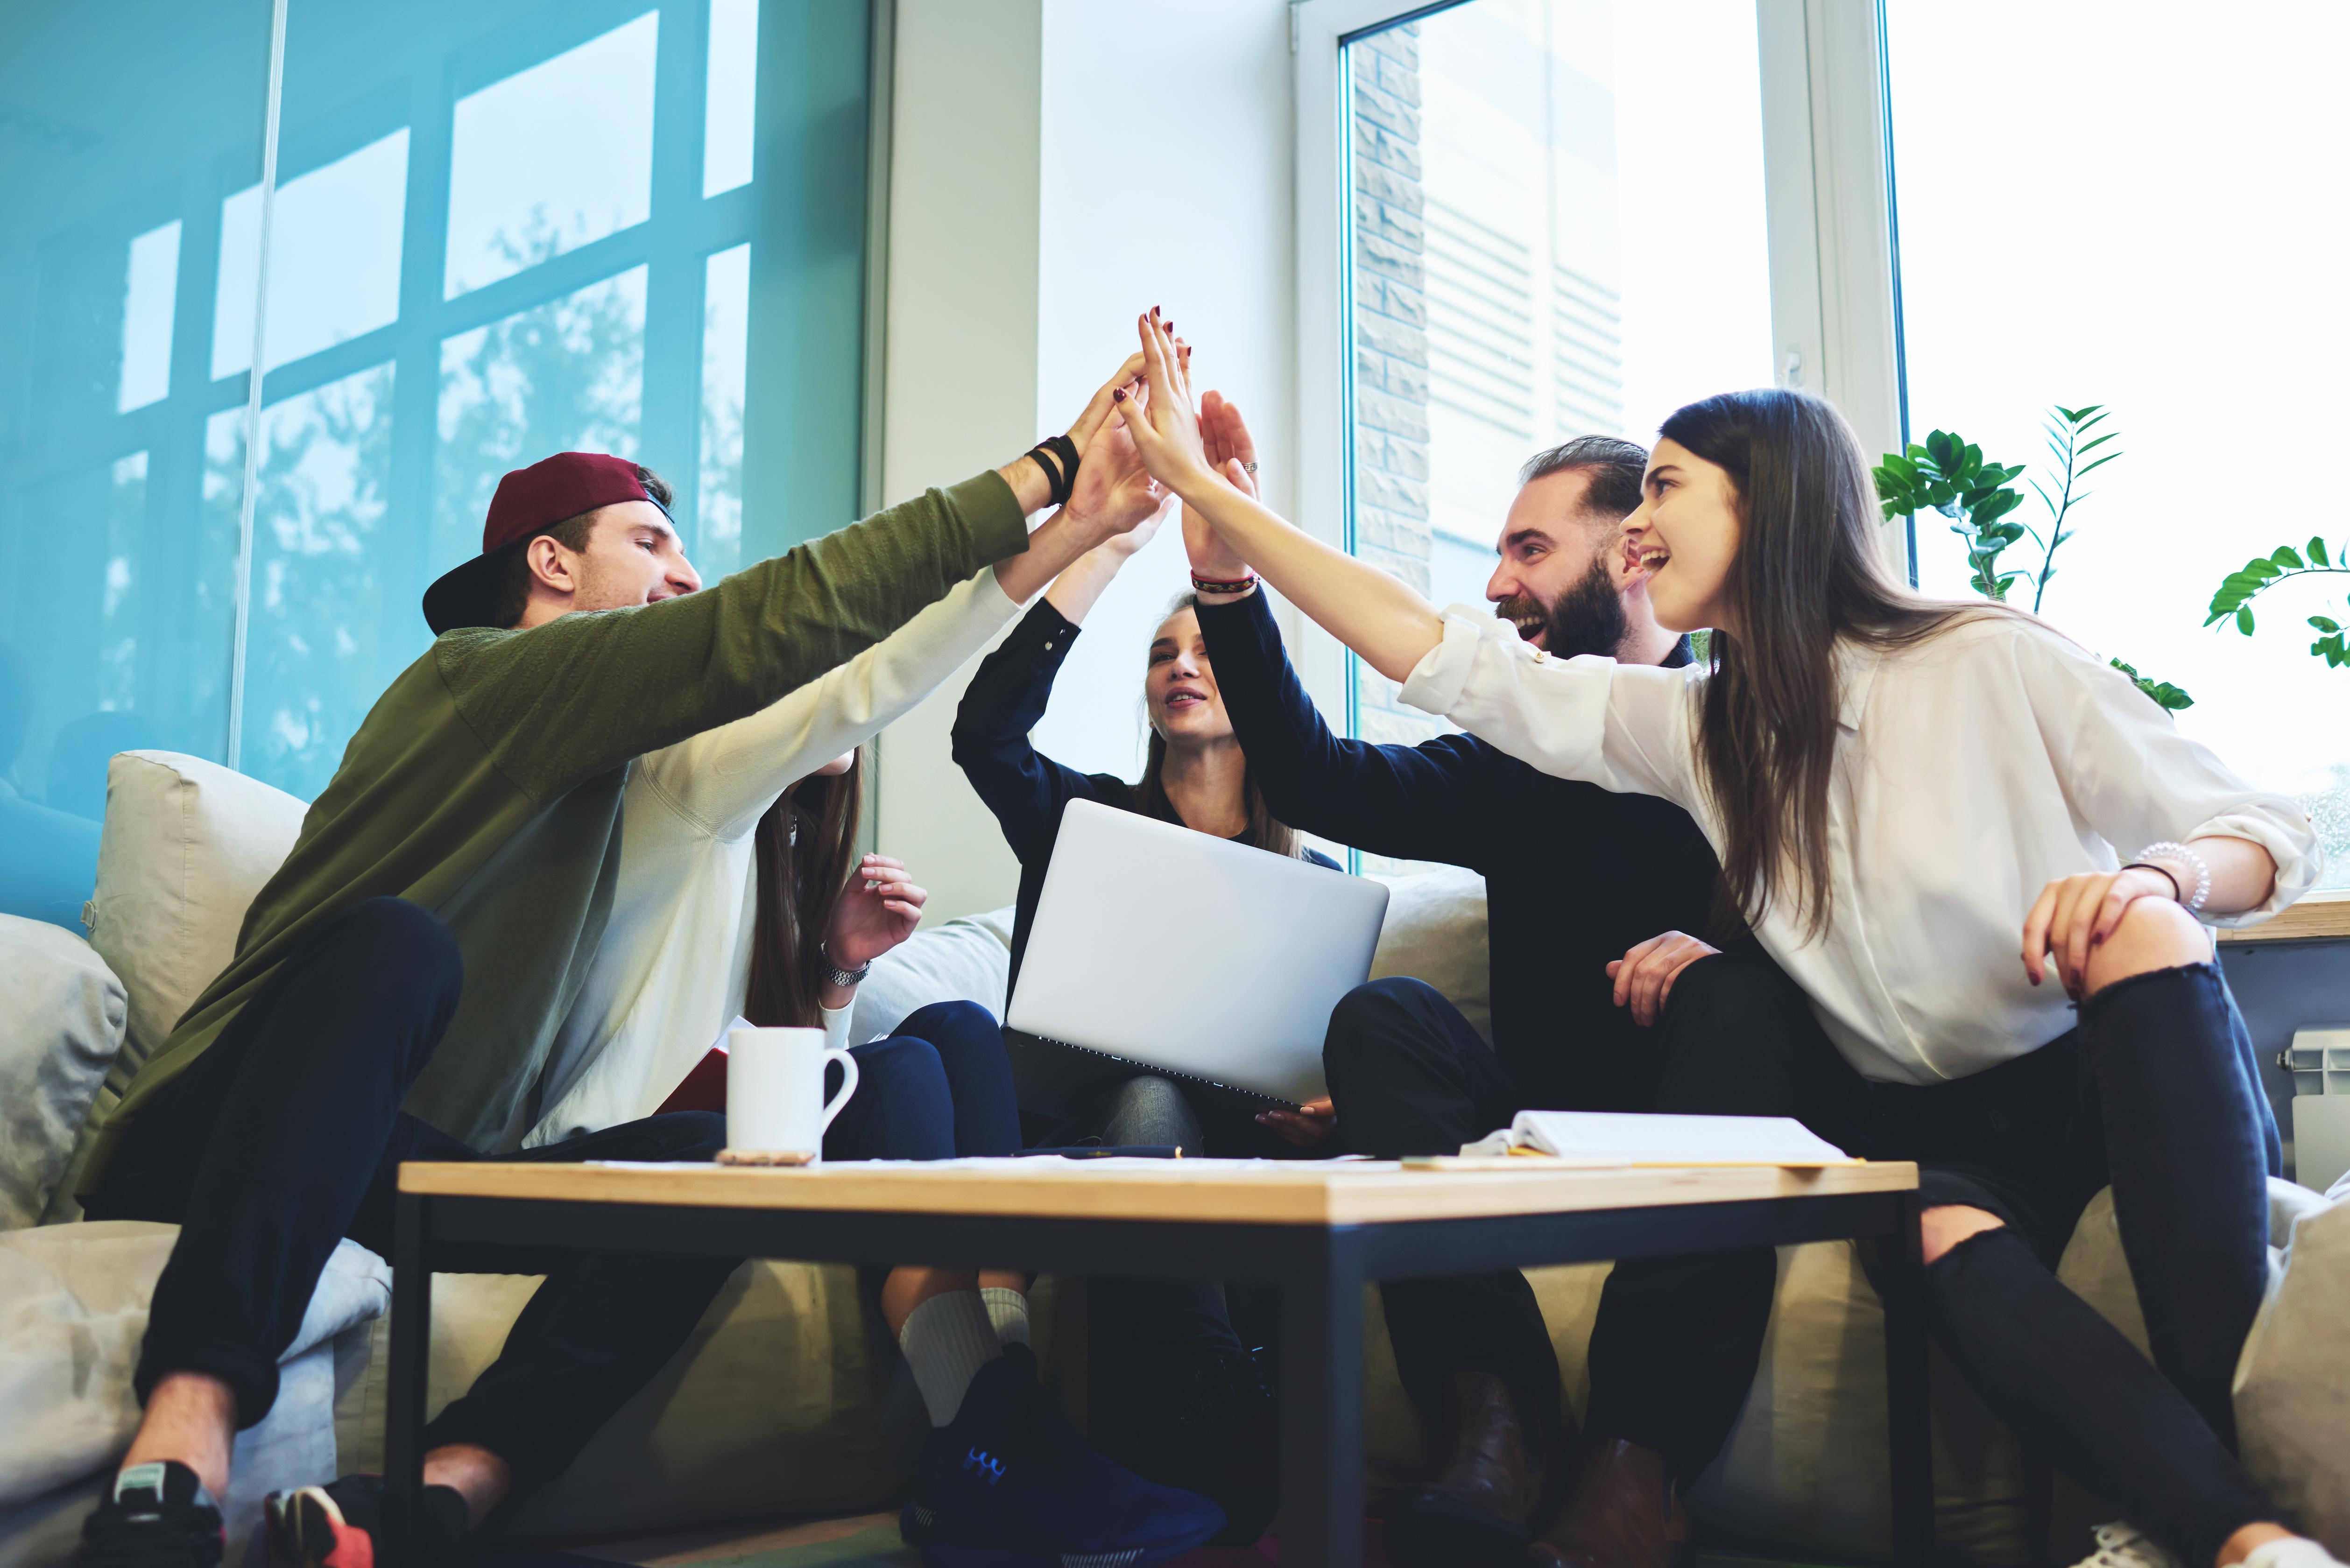 6 Monthly Membership Programs for Entrepreneurs